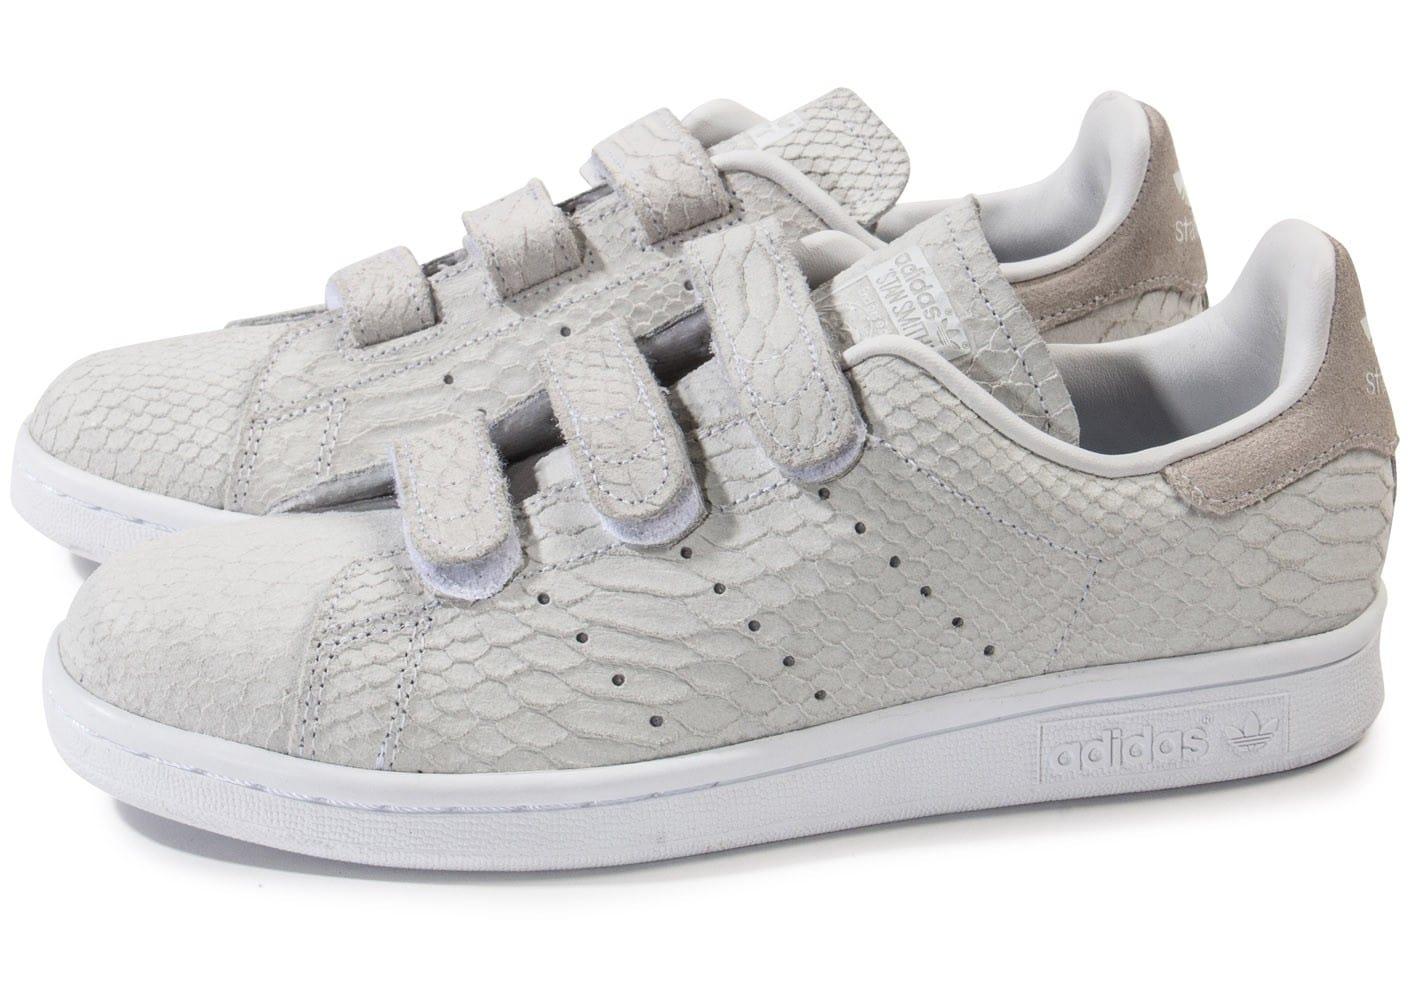 100% Authentique adidas stan smith velcro grise Outlet en ligne